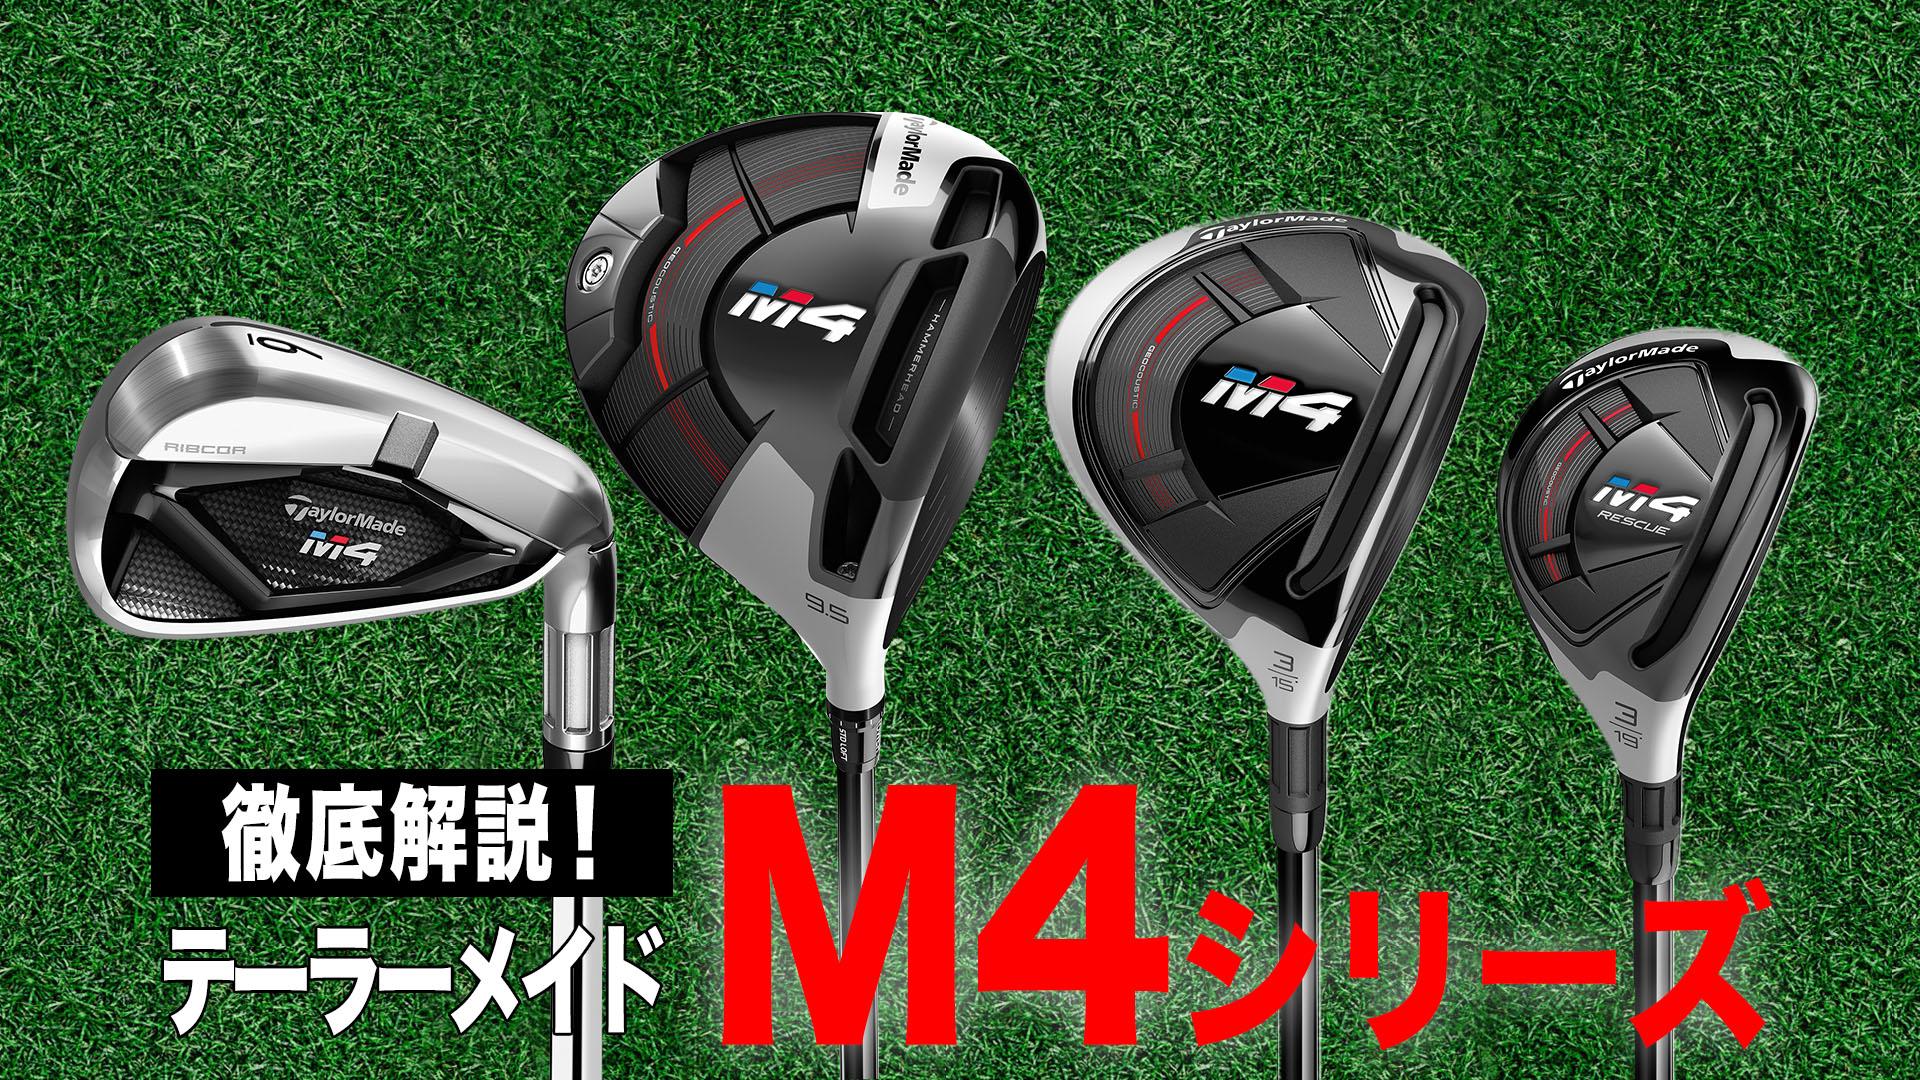 【徹底解説】テーラーメイド「M4 シリーズ」